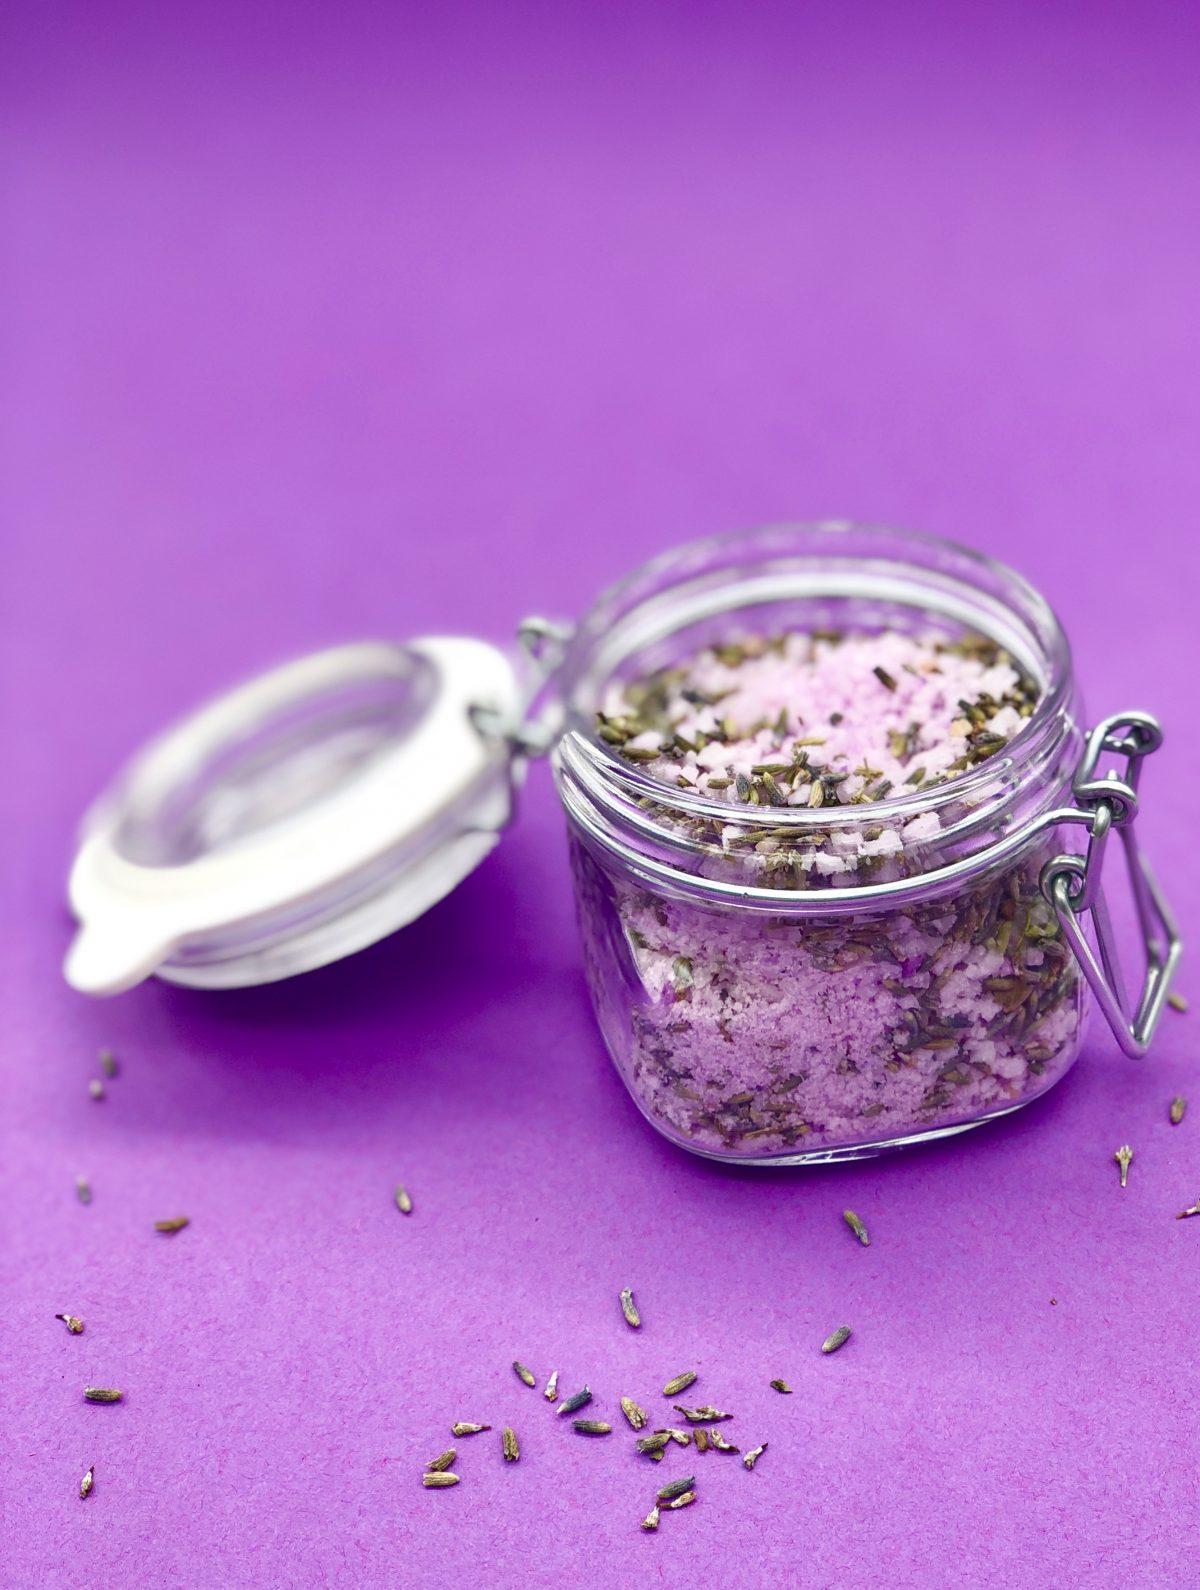 Häufig Lavendel Badesalz selber machen - Rezept und Anleitung mit Video QP24